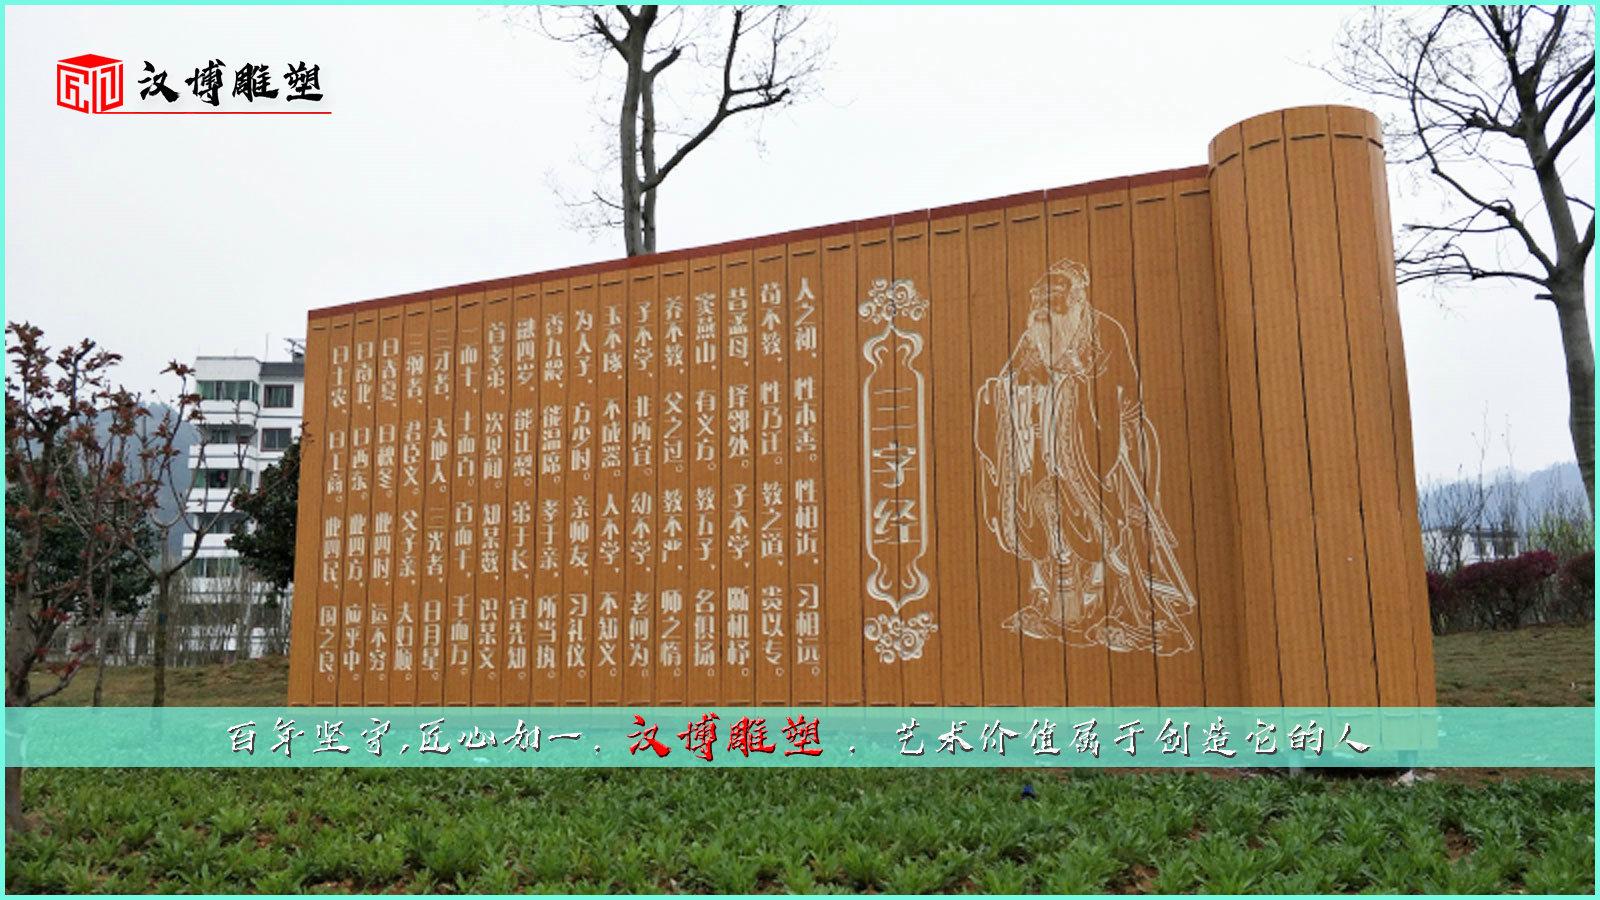 三字经艺术雕塑,民族知识的传承与发扬